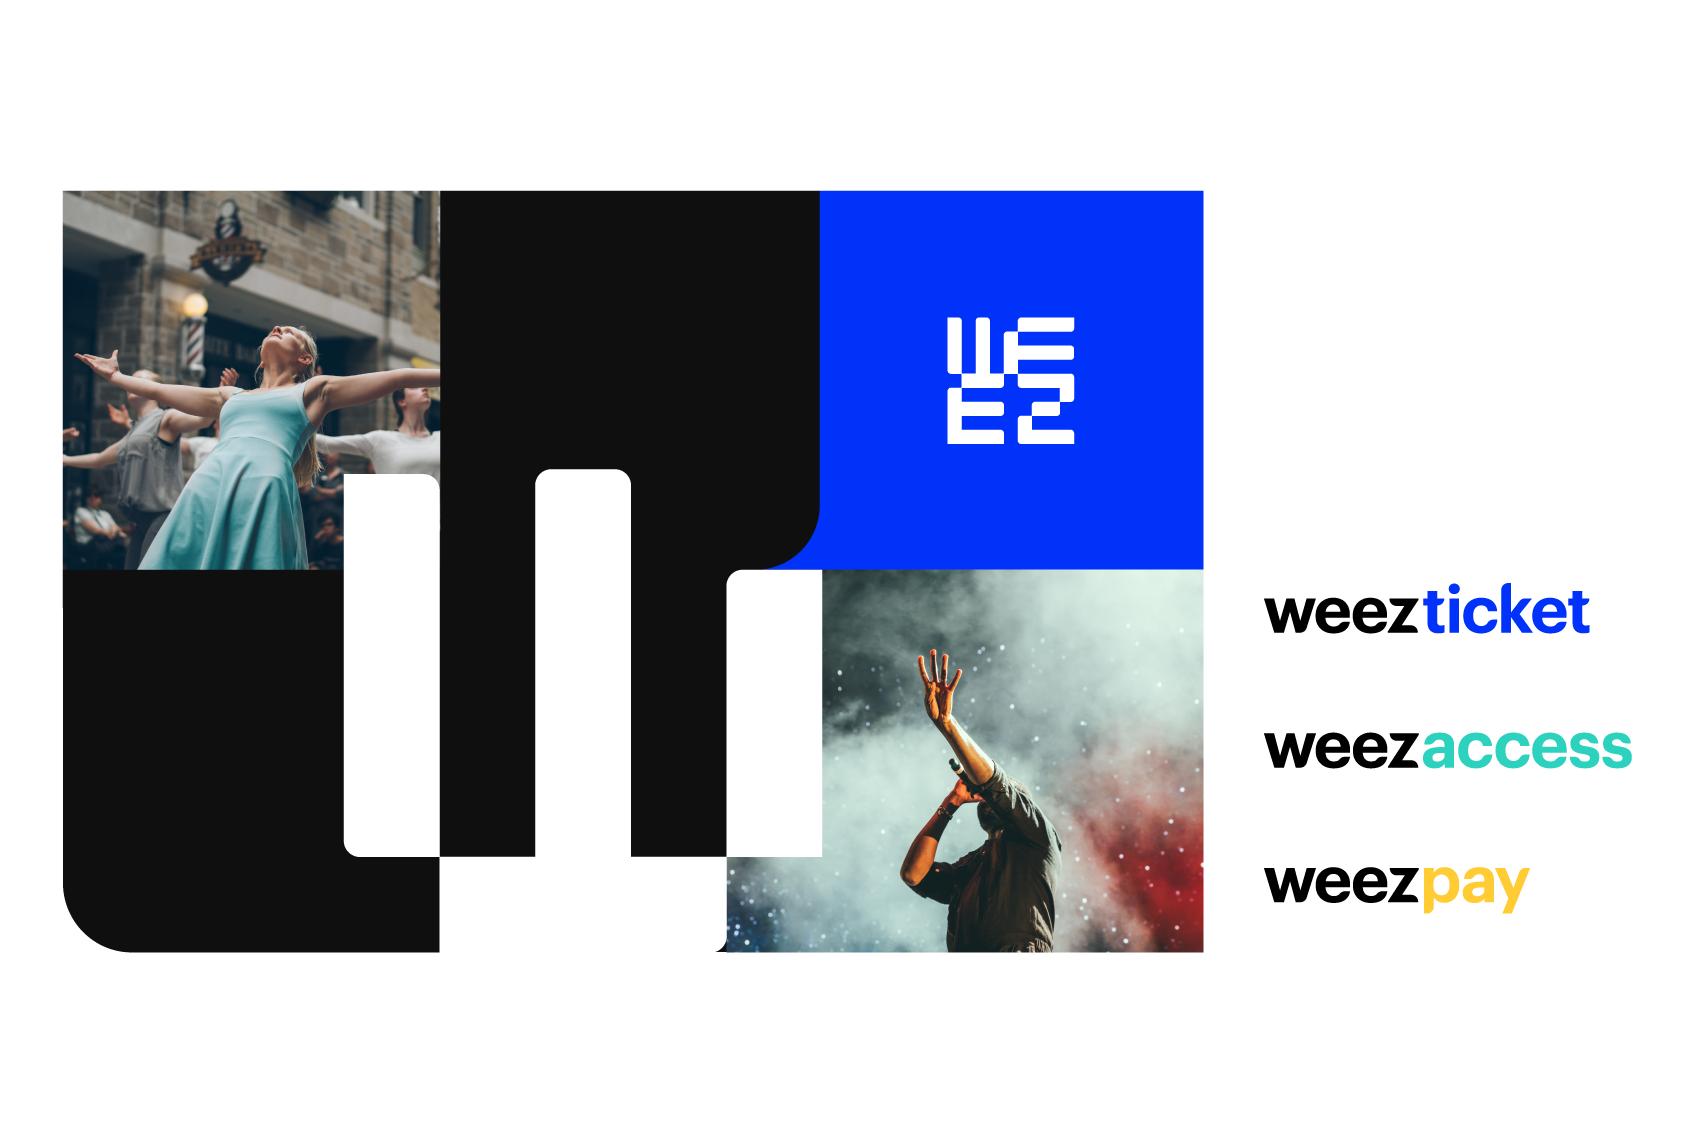 Nouveau logo, nouveau look, nouveau site web pour Weezevent !